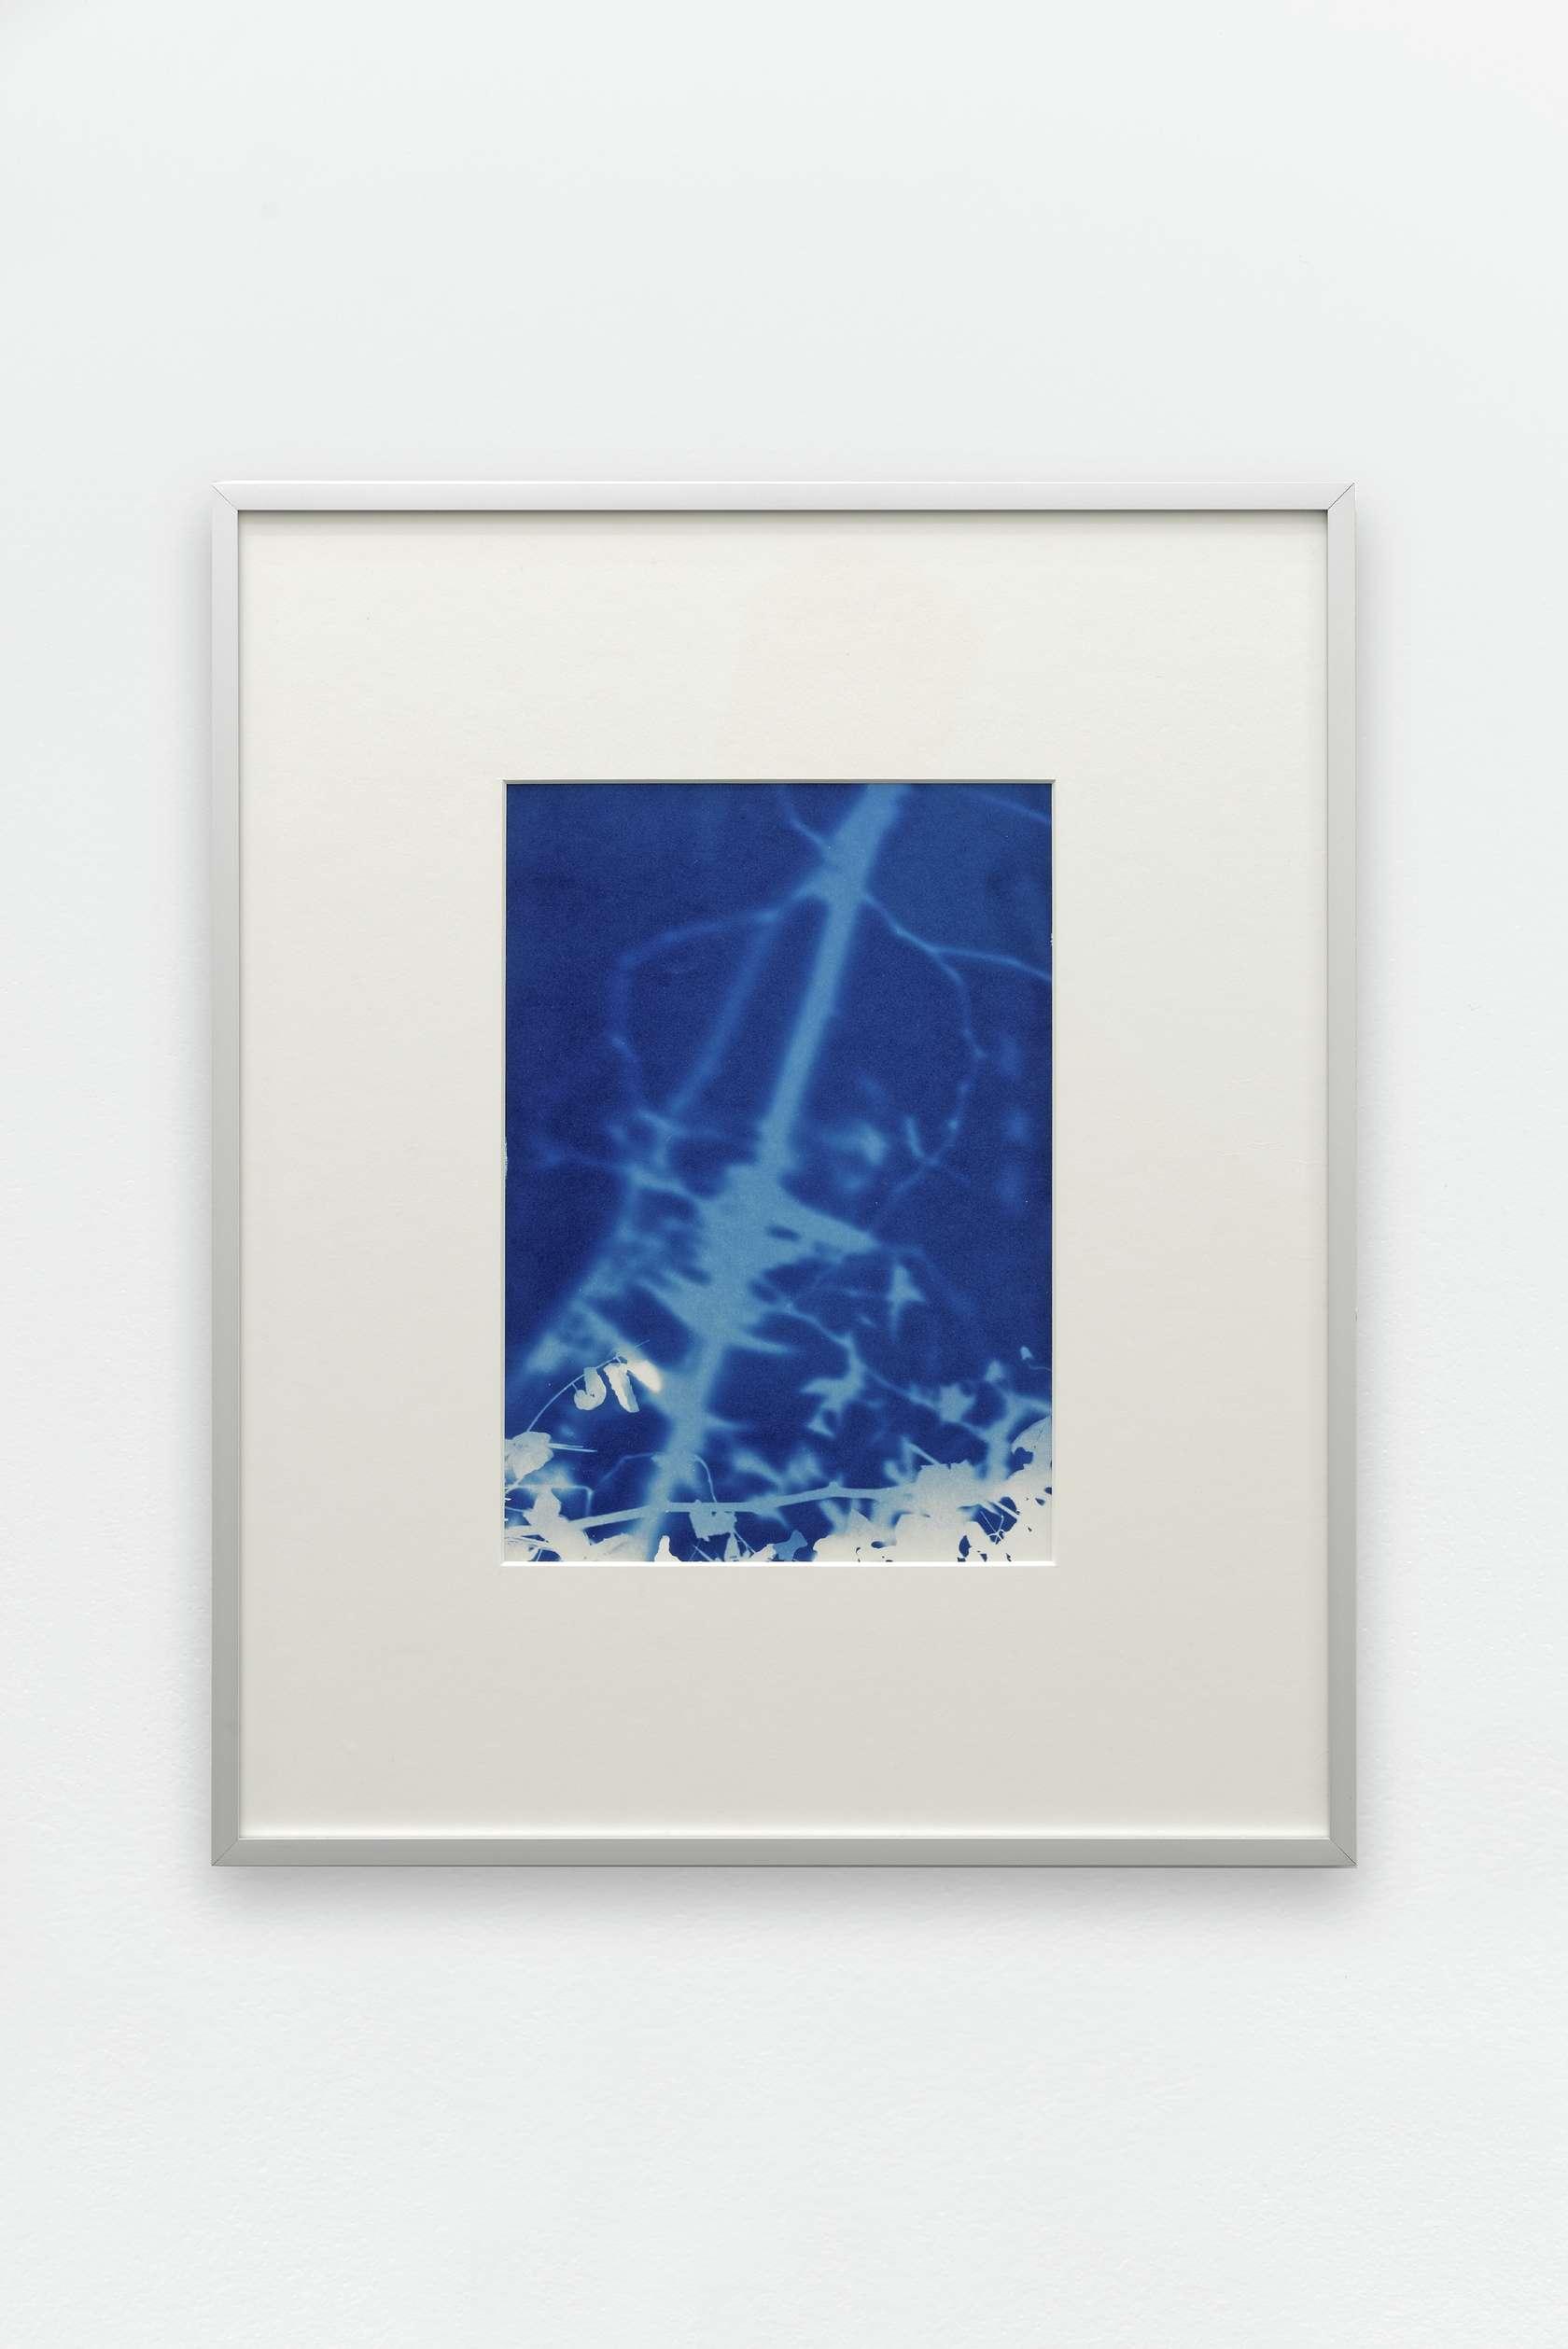 documentation céline duval, Les éphémères, CZ - 08/2015, 2015 Cyanotype sur papier27.5 × 19.5 cm / 10 7/8 × 7 5/8 in.